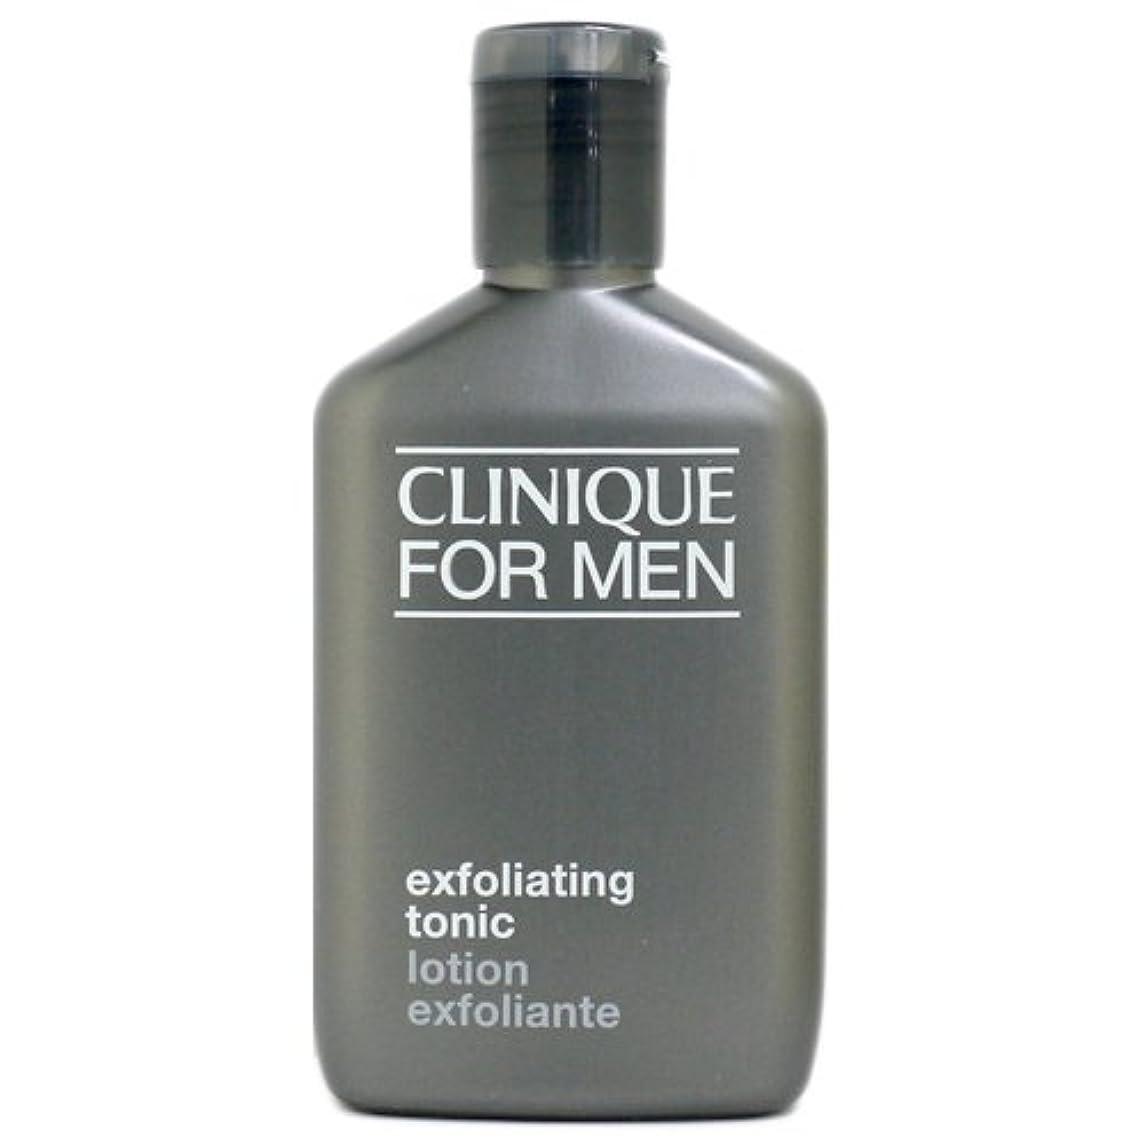 盲信意気込み敵クリニークフォーメン(CLINIQUE FOR MEN) エクスフォリエーティング トニック 200ml[並行輸入品]